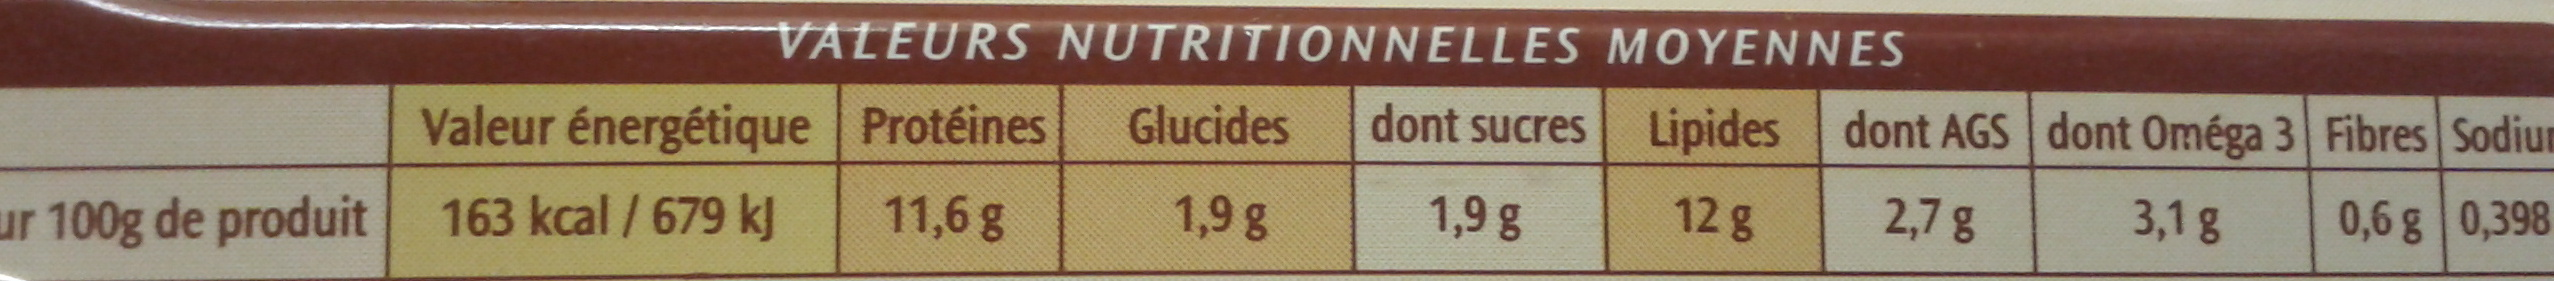 Filets de Maquereaux (Marinade au Cidre) - Nutrition facts - fr